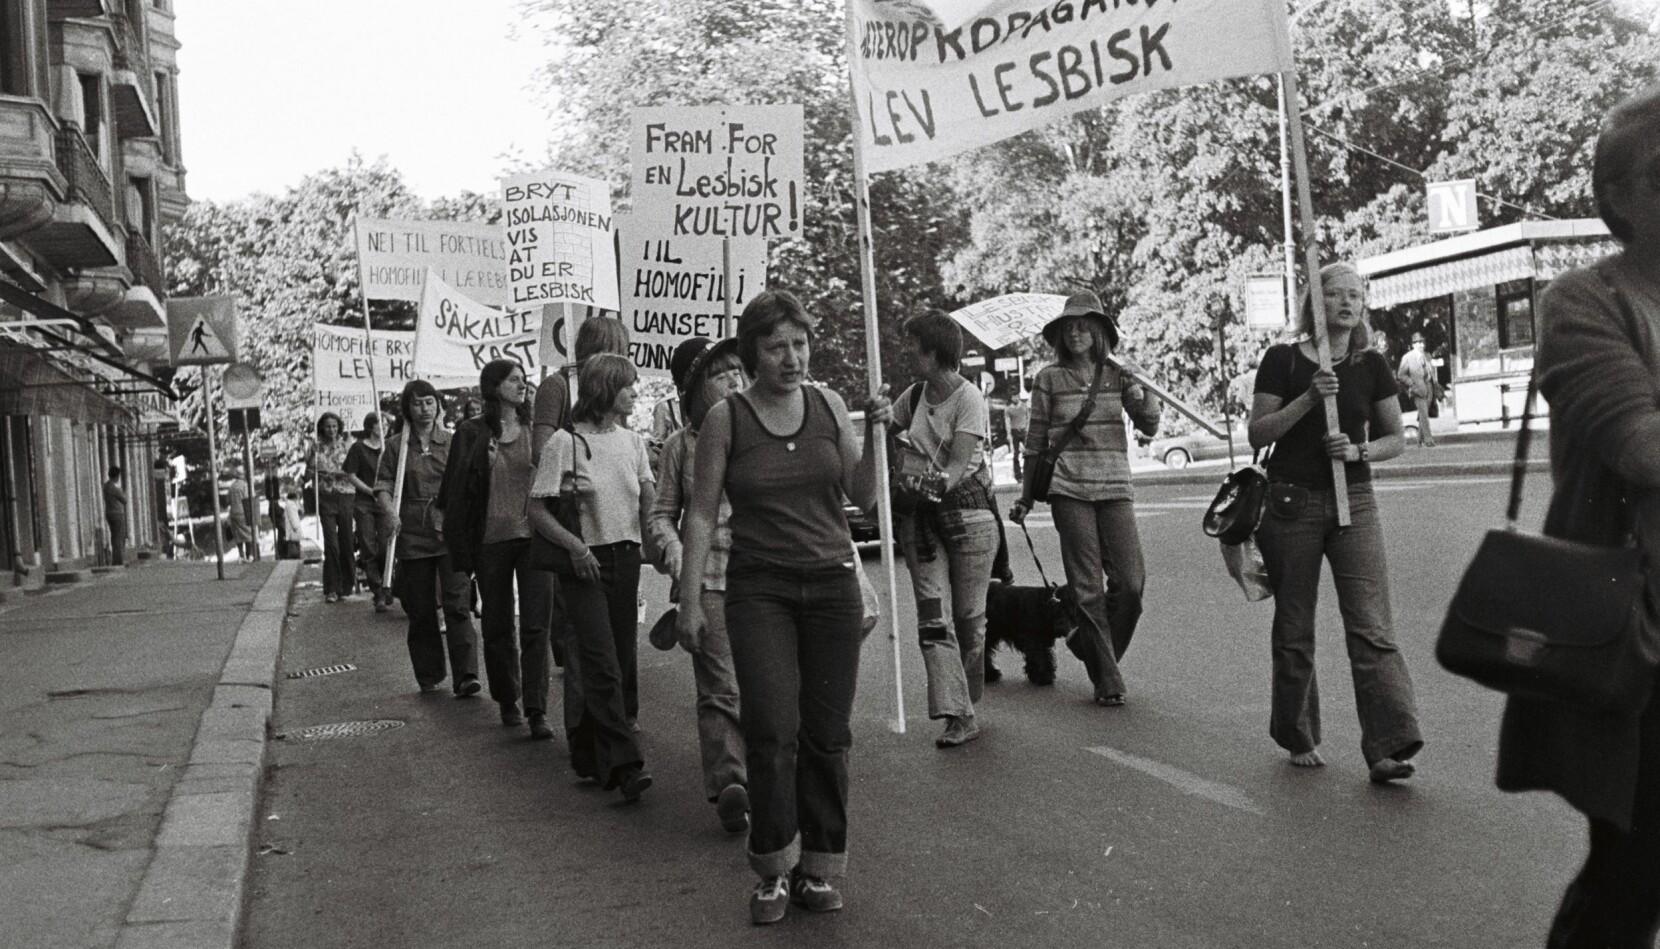 Inge Ås gikk sammen med rundt regnet 40 lesbiske feminister (og noen få homser) i det som viste seg å bli «alle norske paraders mor», demonstrasjonstoget ned Ullevålsveien i Oslo lørdag 28. juni i 1975.